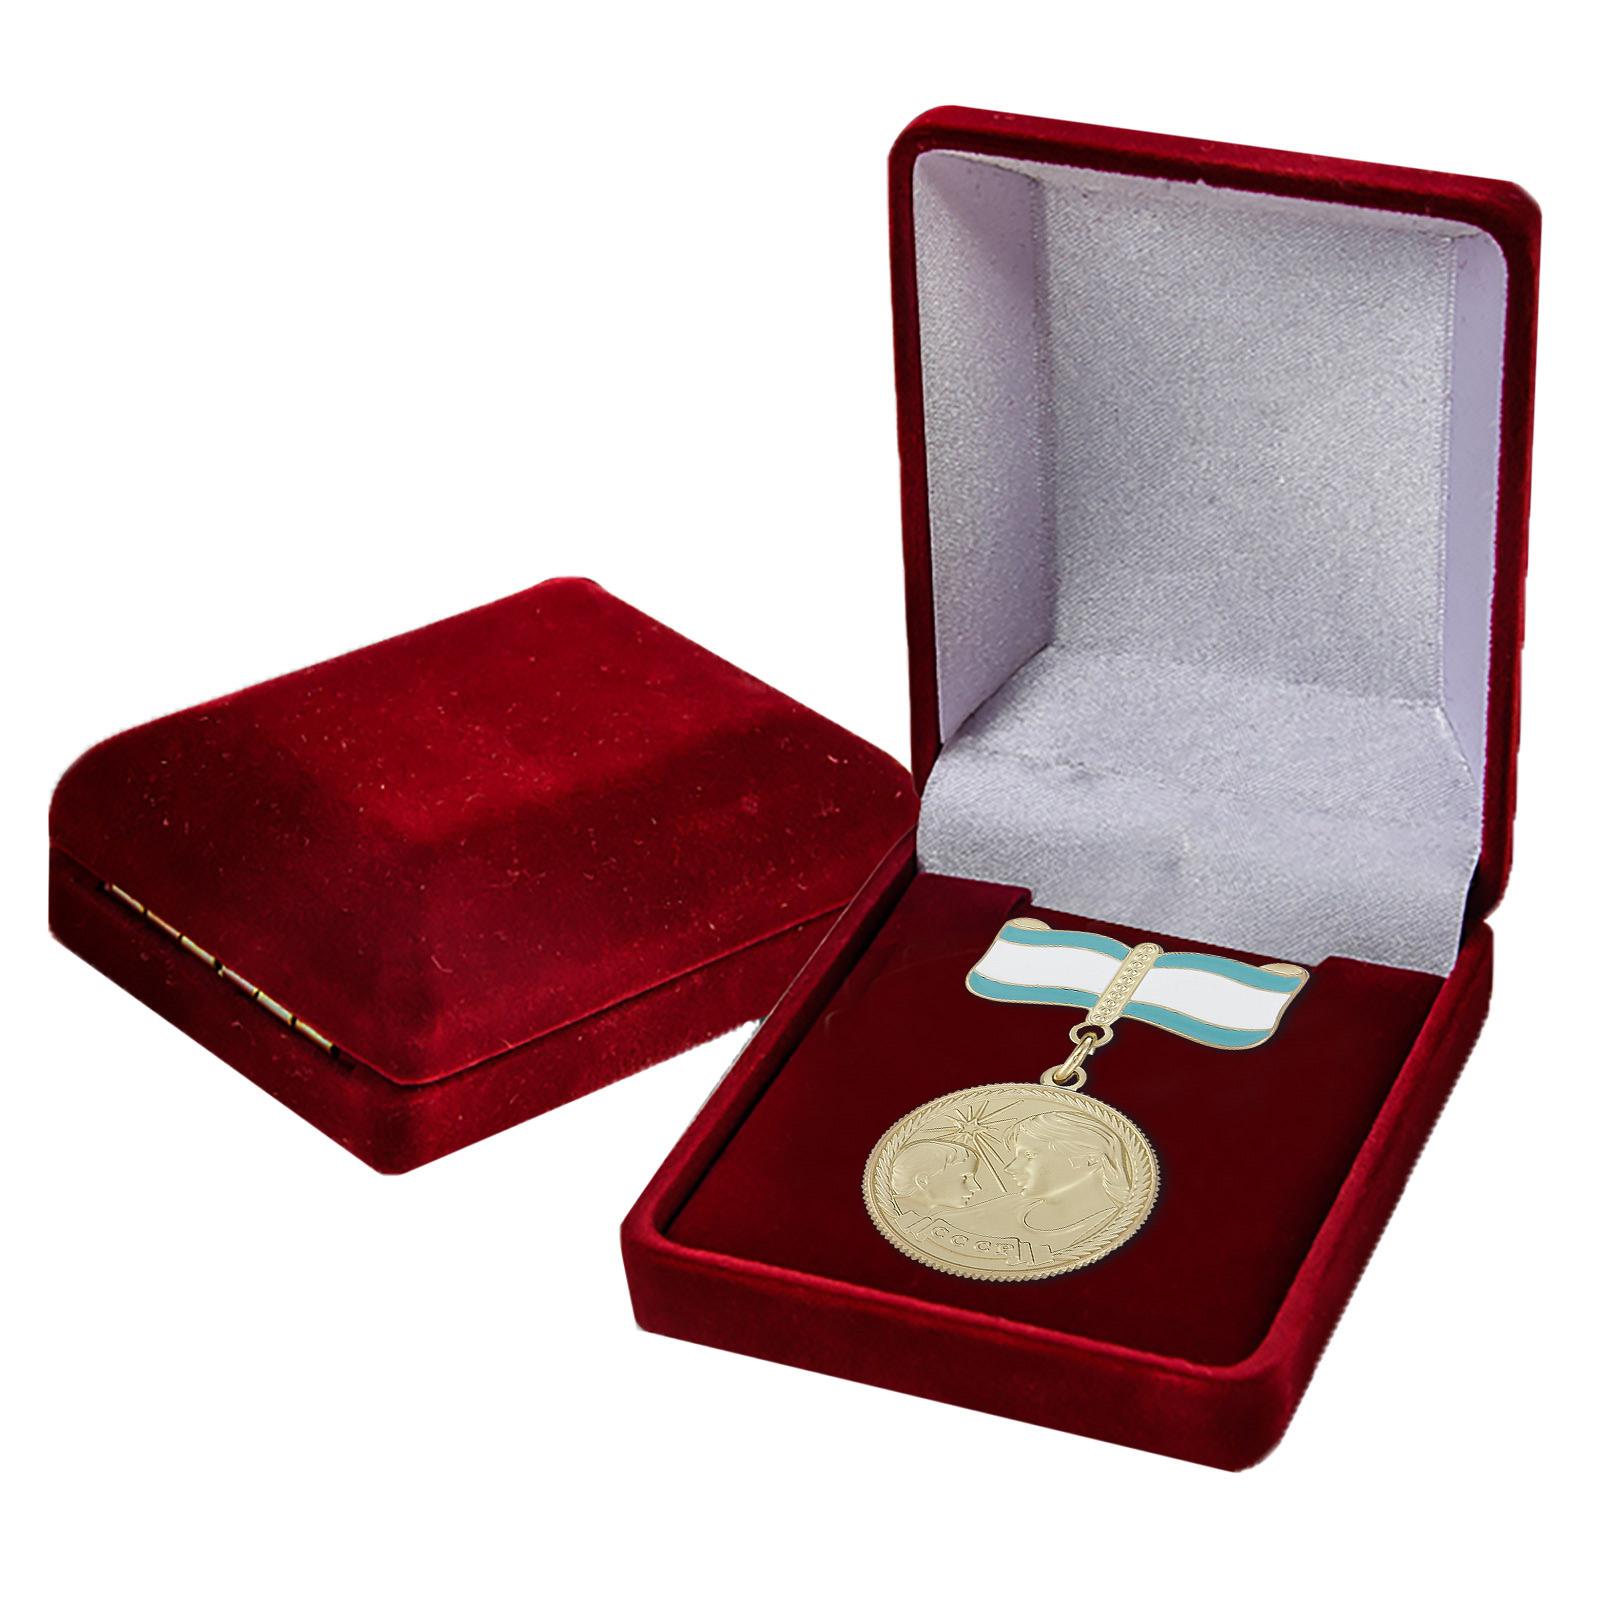 Медаль Материнства 2 степени в